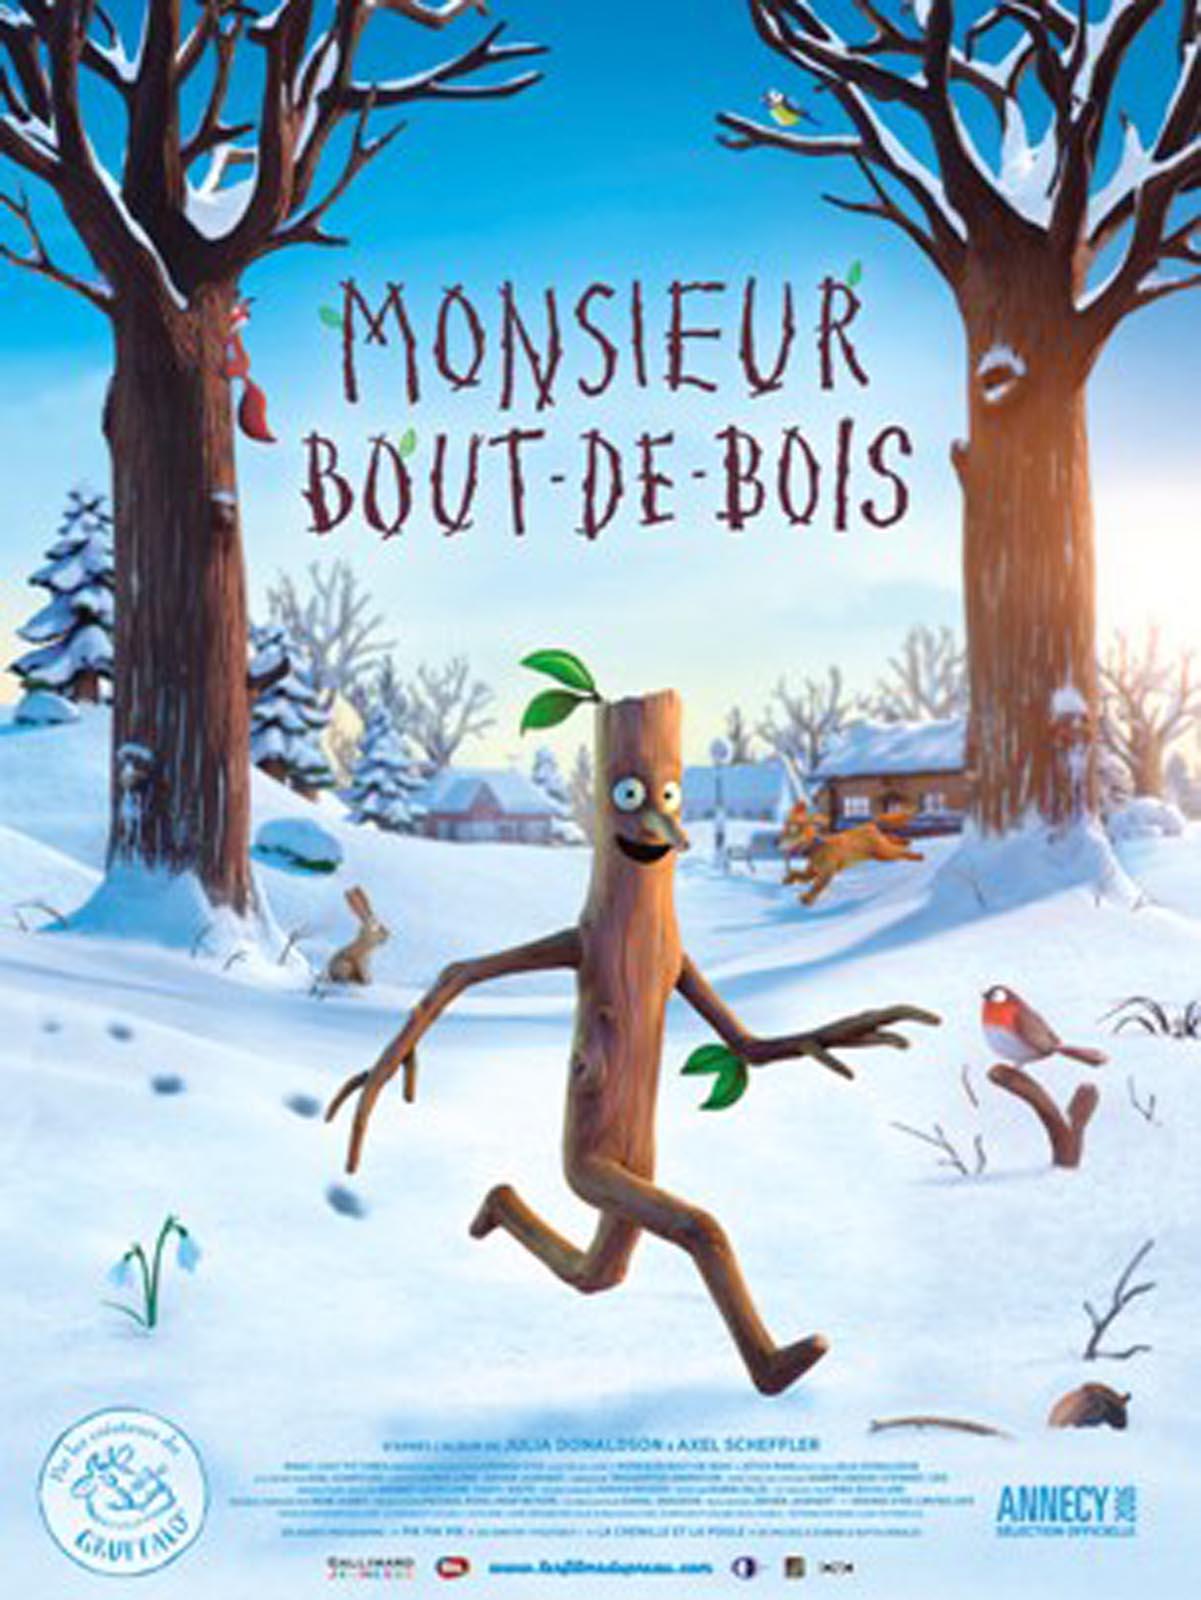 Monsieur Bout de Bois